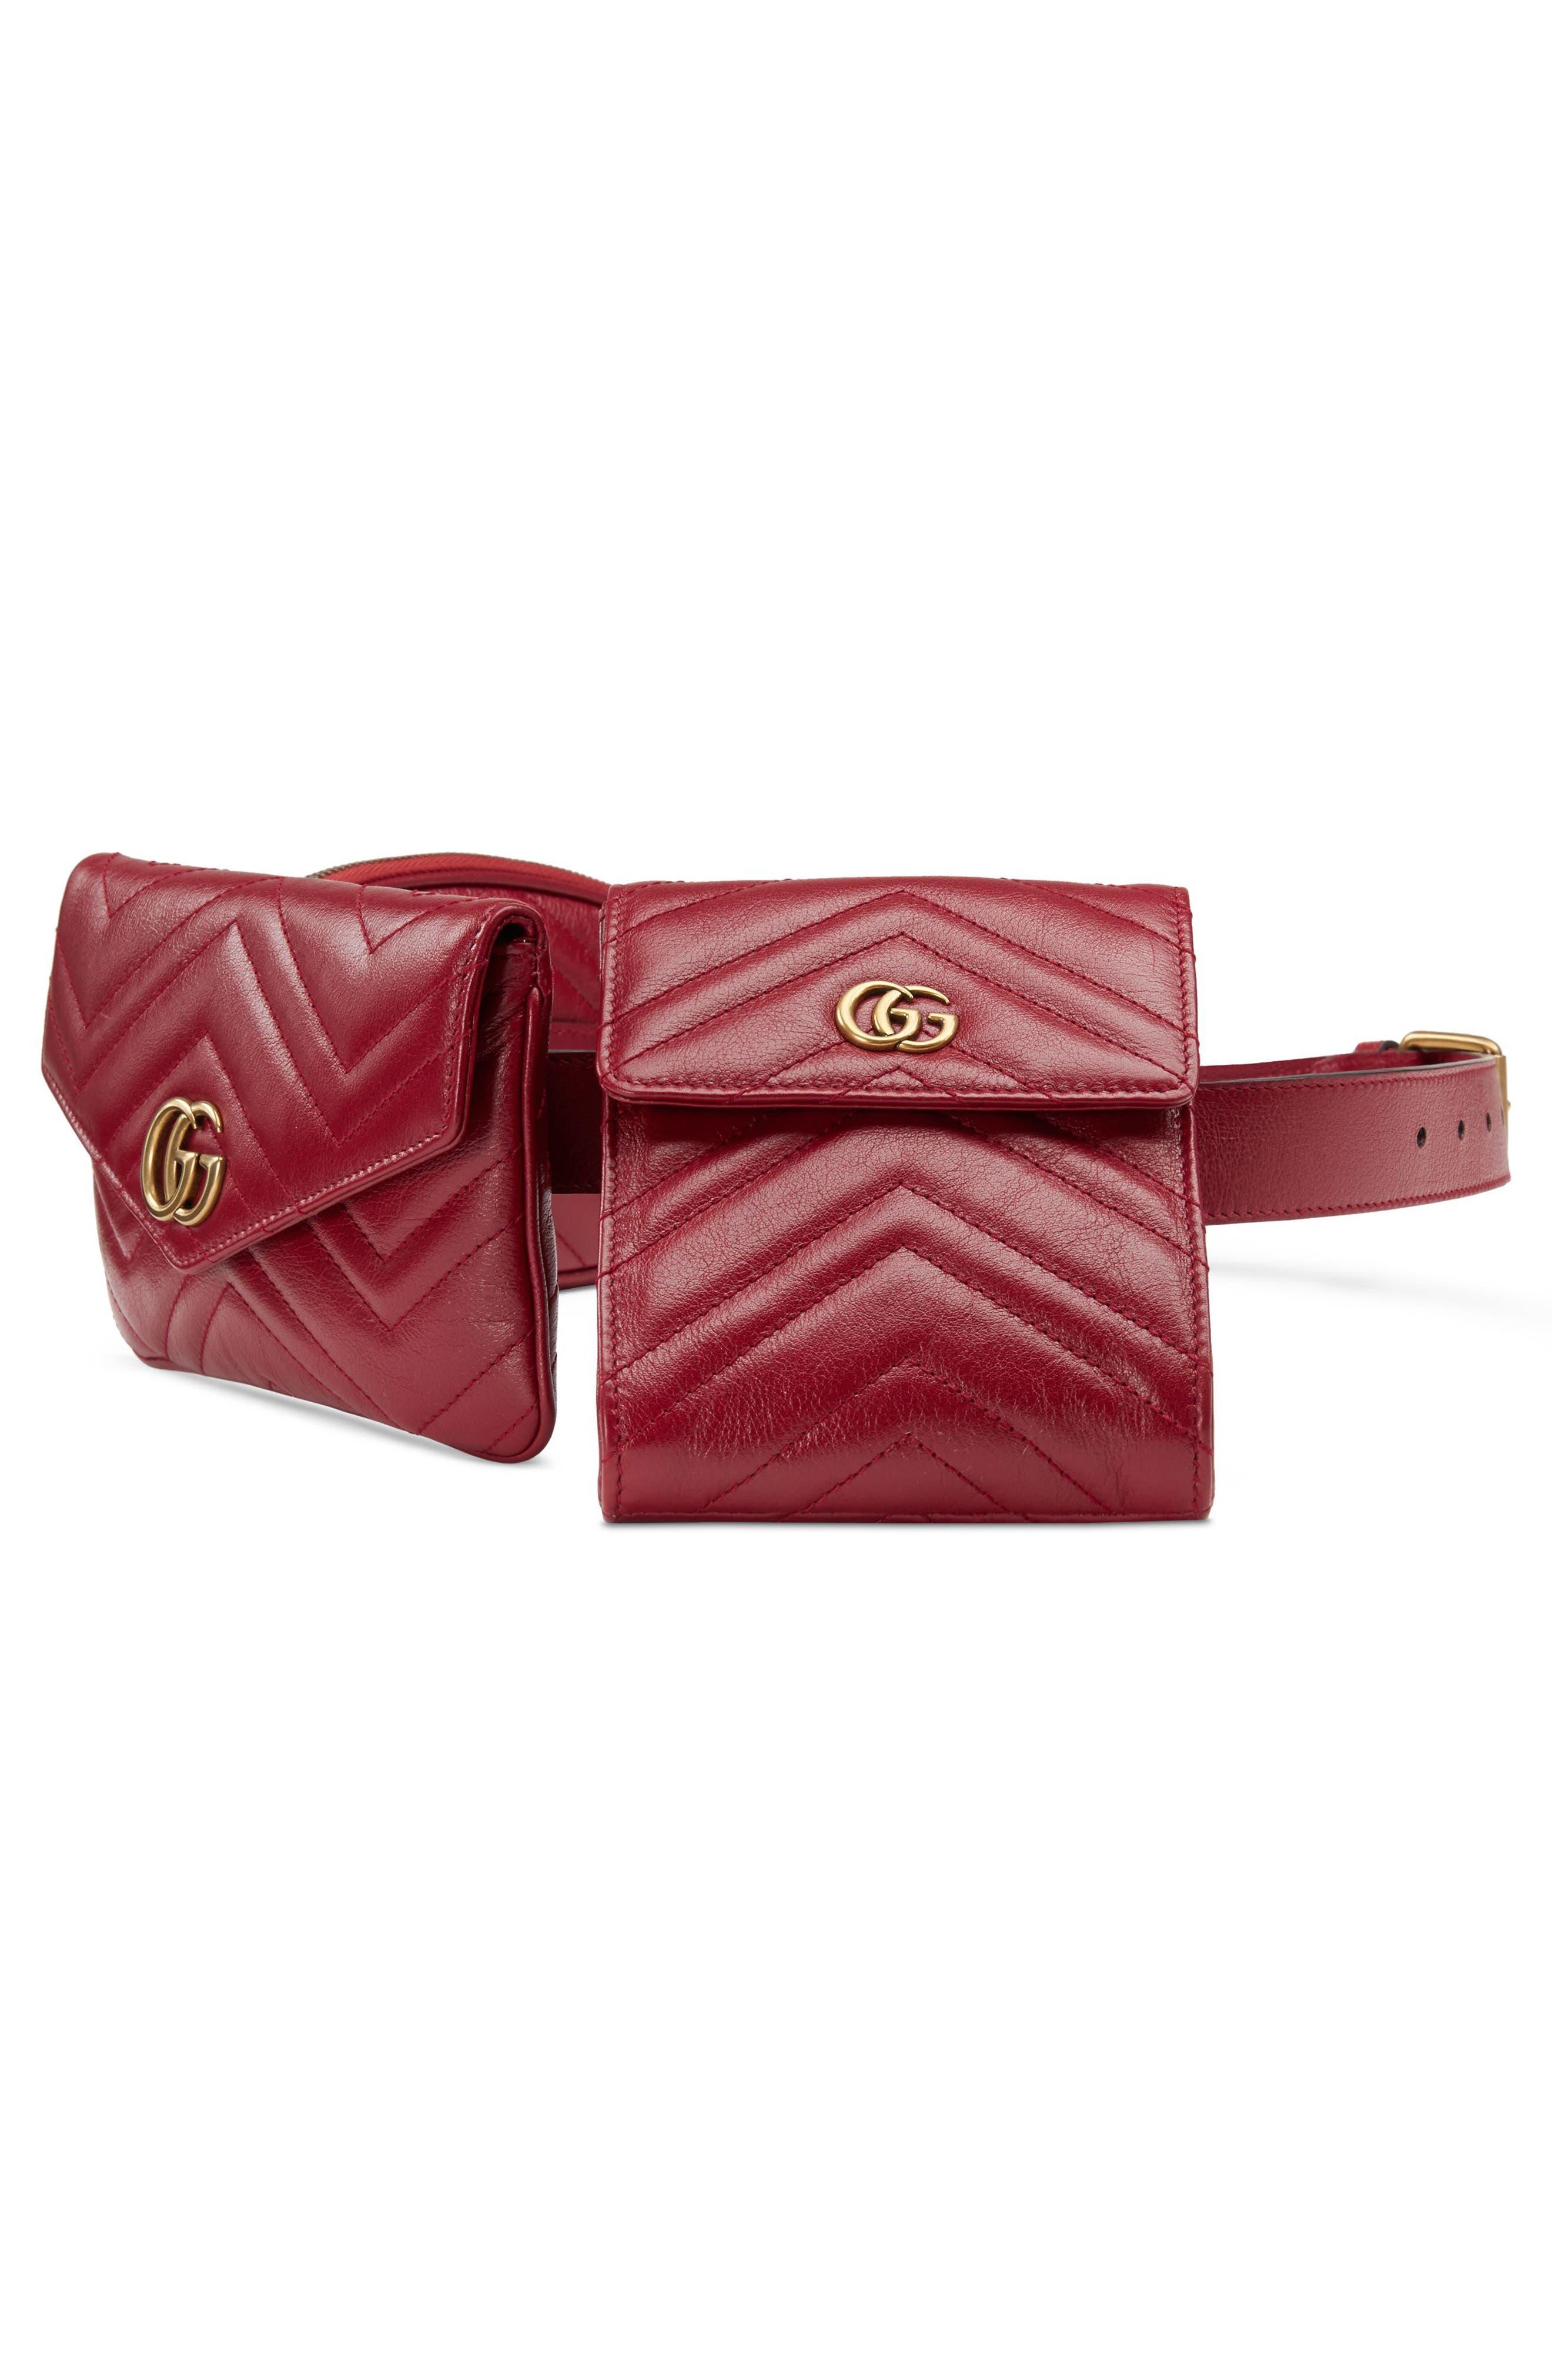 GG Marmont 2.0 Matelassé Triple Pouch Leather Belt Bag,                             Alternate thumbnail 4, color,                             Cerise/ Cerise